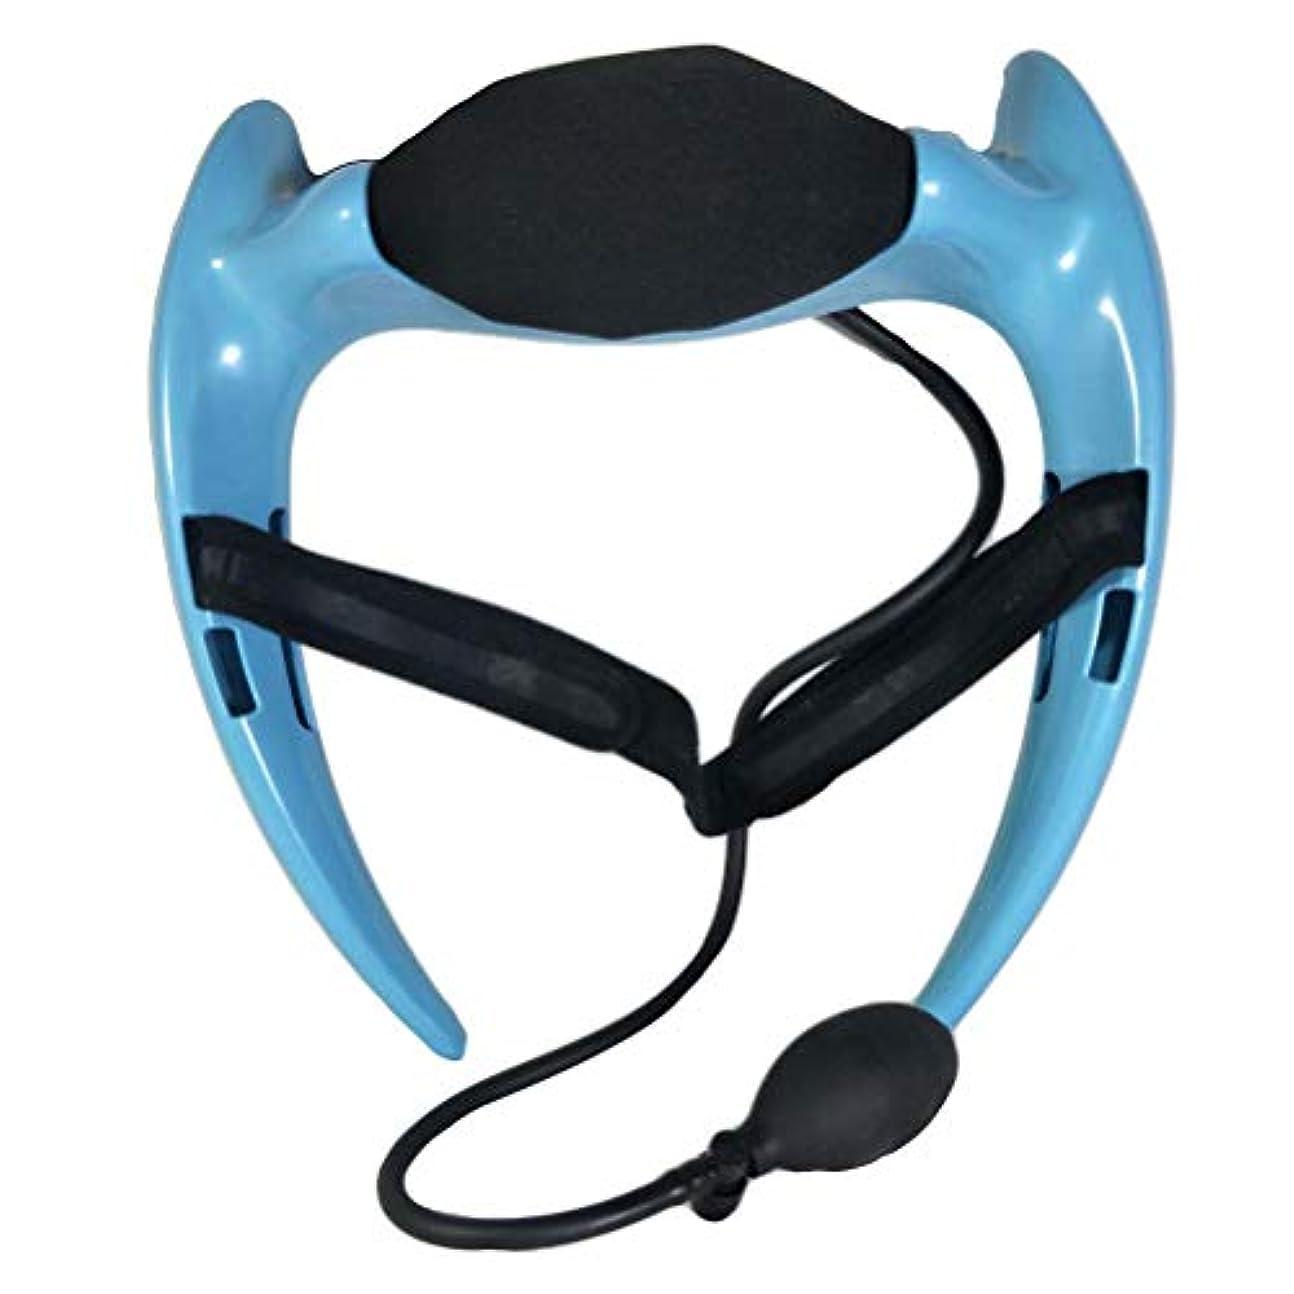 強化するリレー慣れているHealifty 首のけん引力調節可能な通気性の首サポートブレースネック首の首の襟首の首の痛みを和らげるリハビリ傷害回復(ブルー)